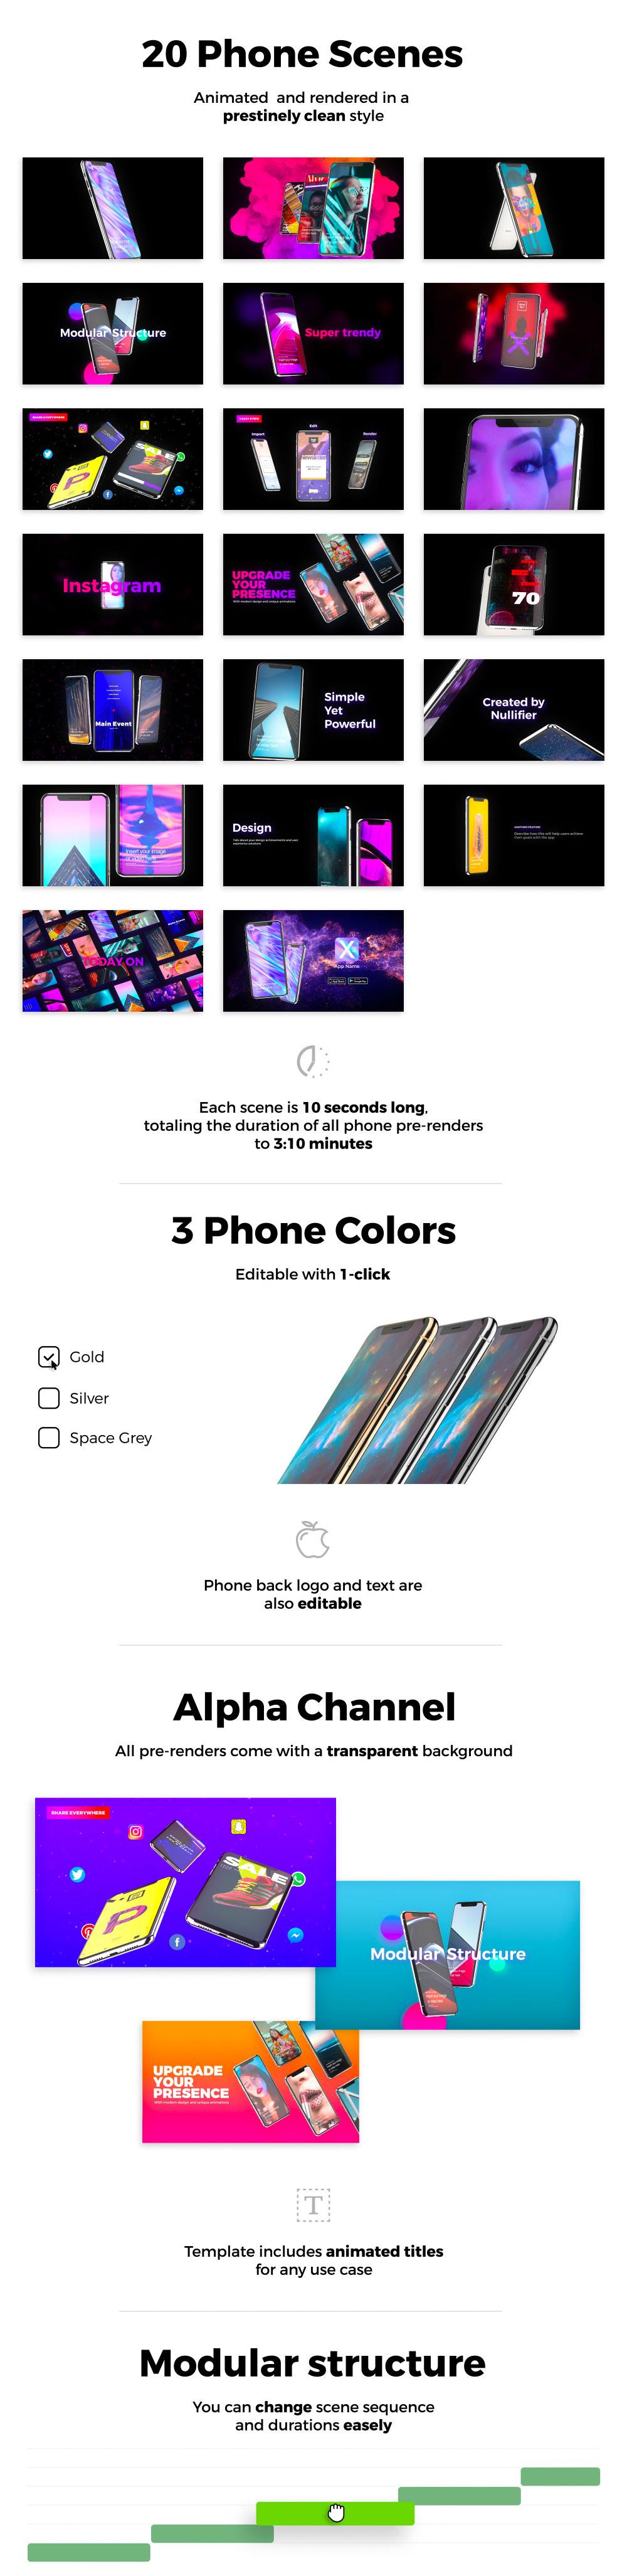 时尚的动感的iPhone XS样机手机APP产品介绍视频AE模板下载 [AEP,3GB+,无插件]